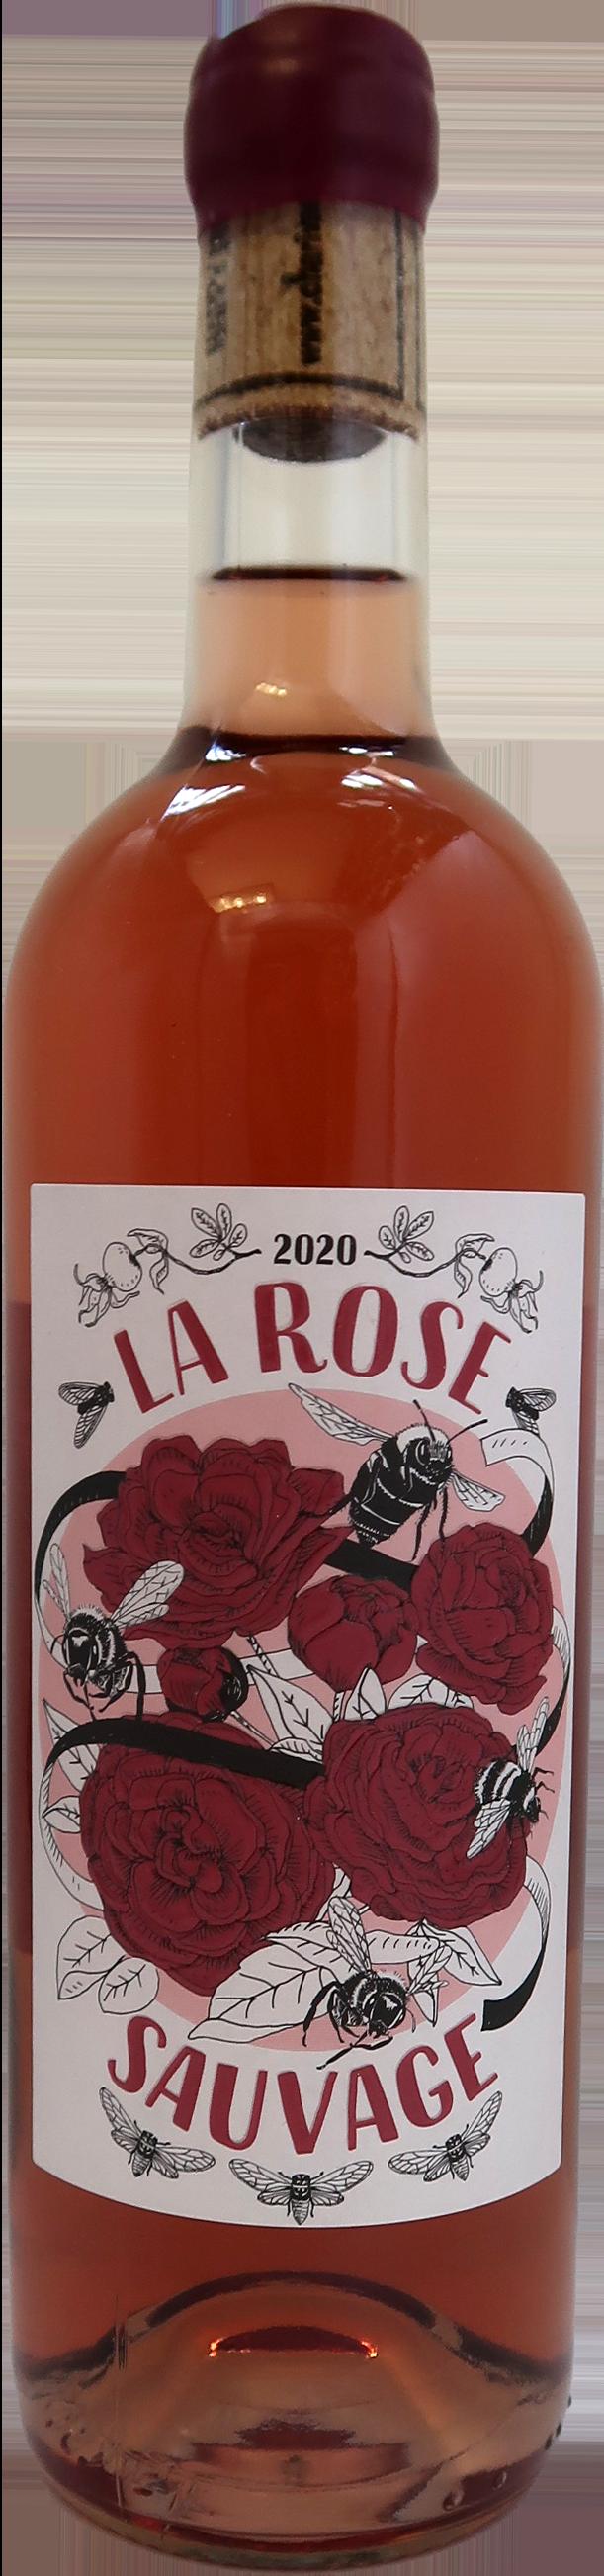 La Rose Sauvage 2020 Charivari Wine